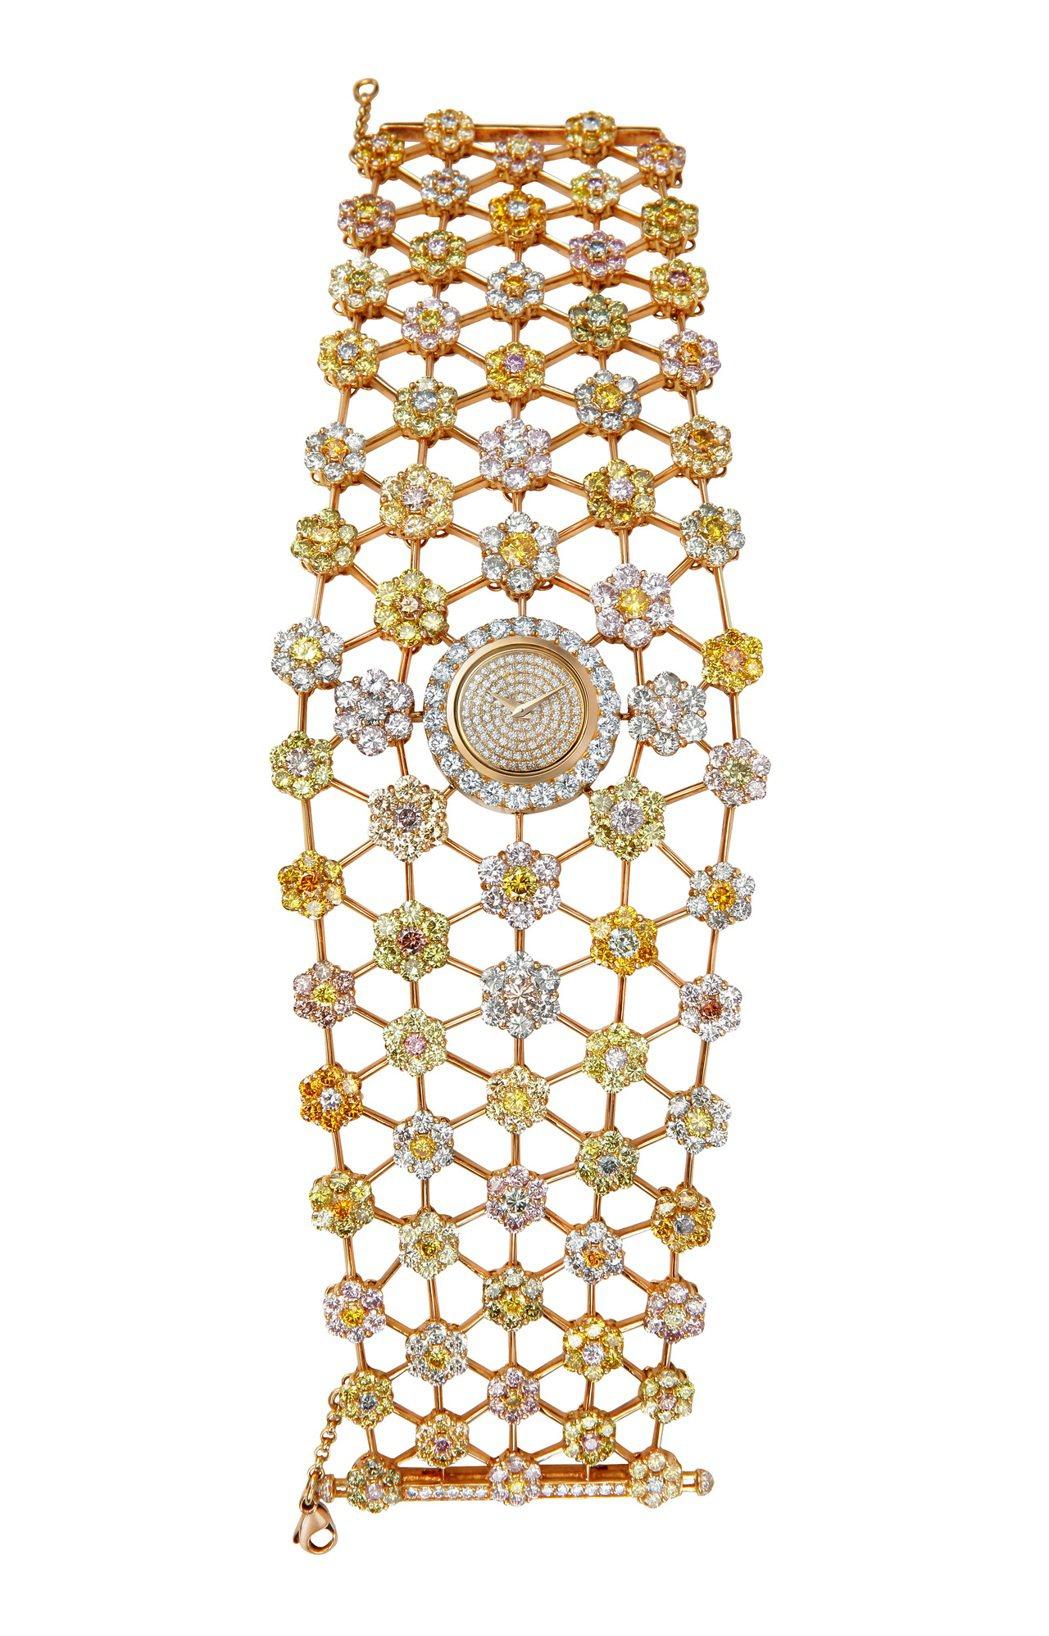 頂級珠寶系列18K玫瑰金表盤鑲嵌75顆總重0.48克拉鑽石,搭配492克拉總重4...